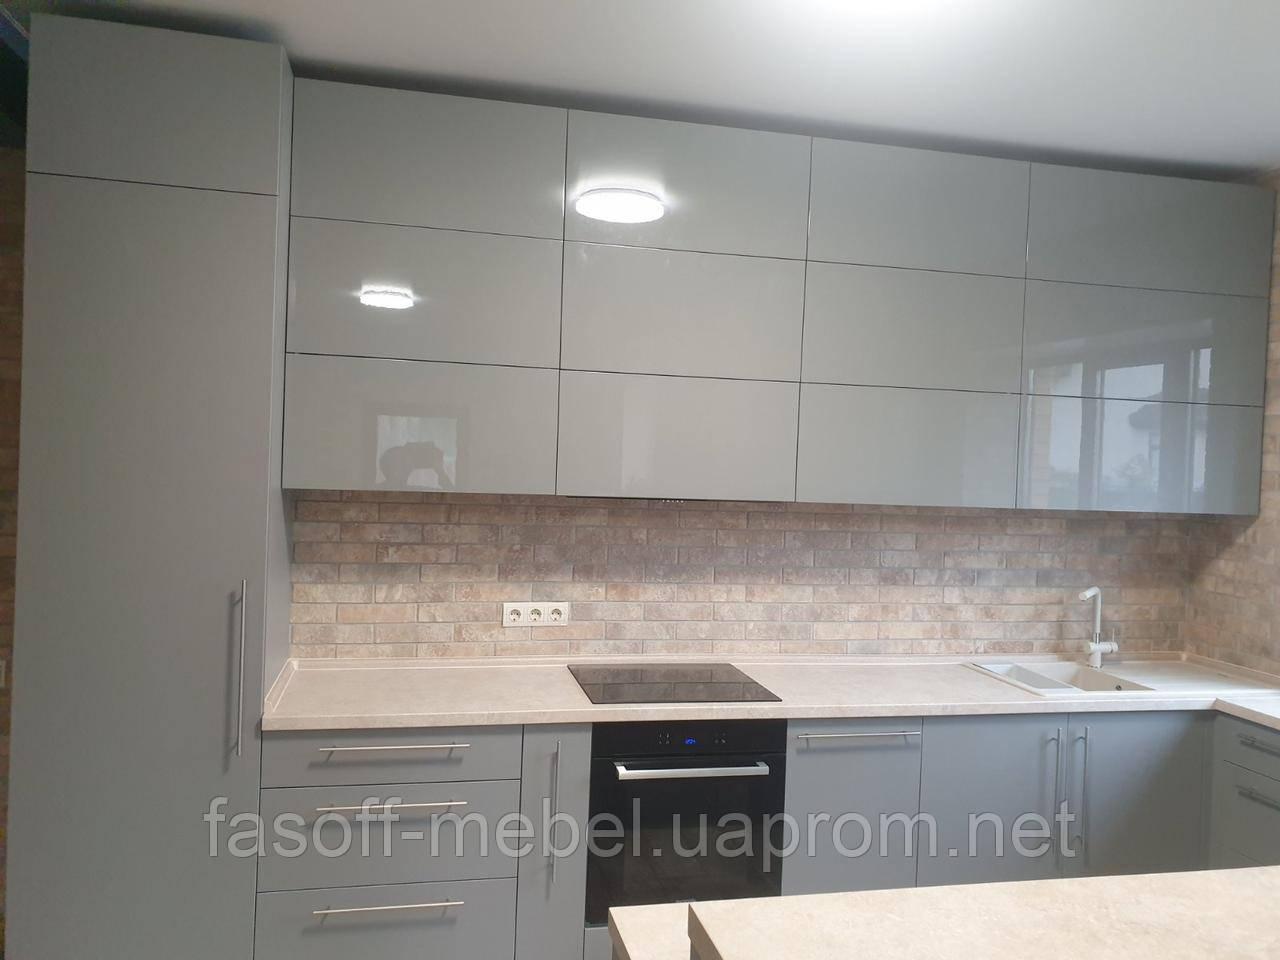 Кухня глянец с крашеными фасадами и столешницей из искусственного камня